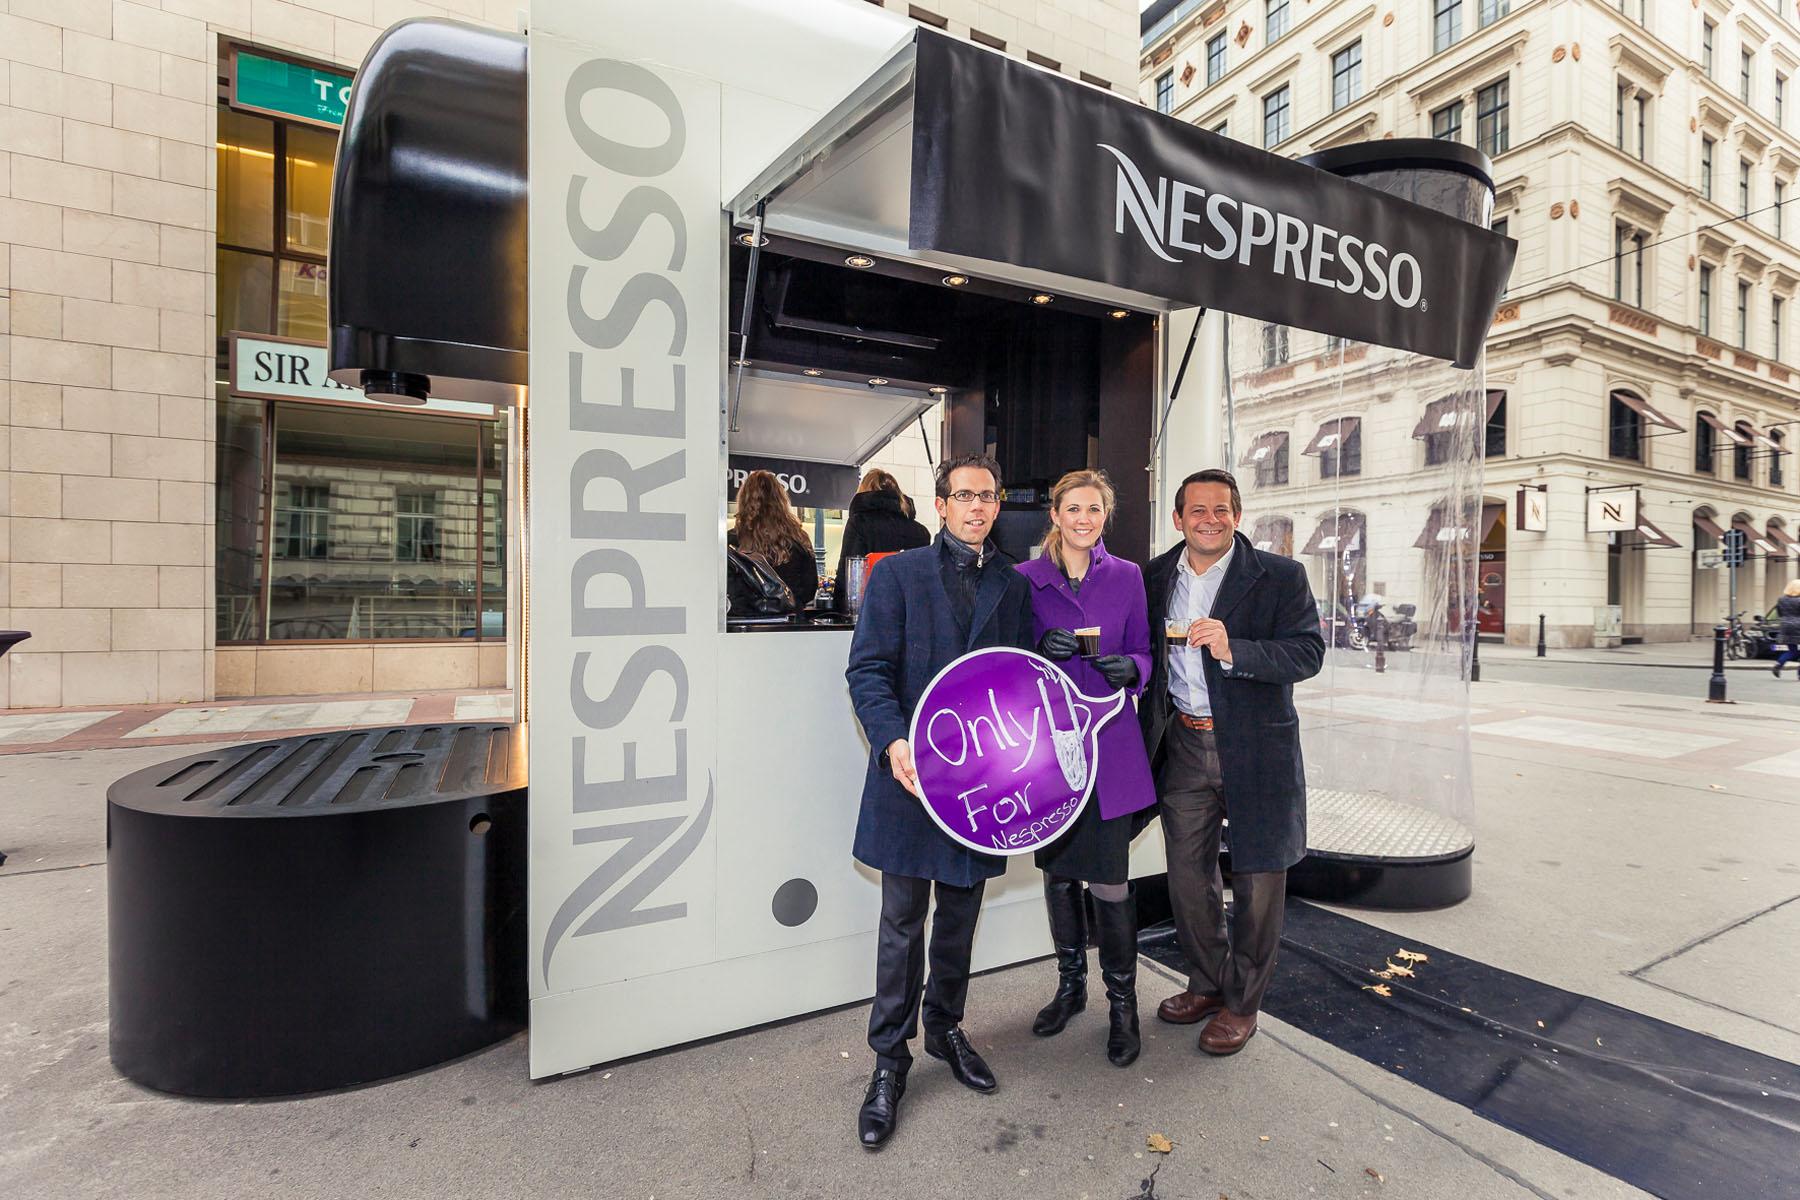 tl-2012-10-30-nespresso-presse-013